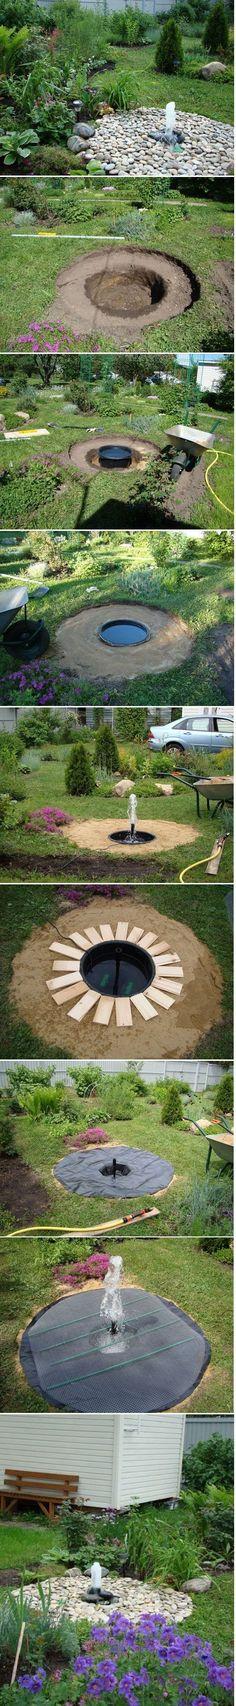 DIY Backyard Buried Fountain: